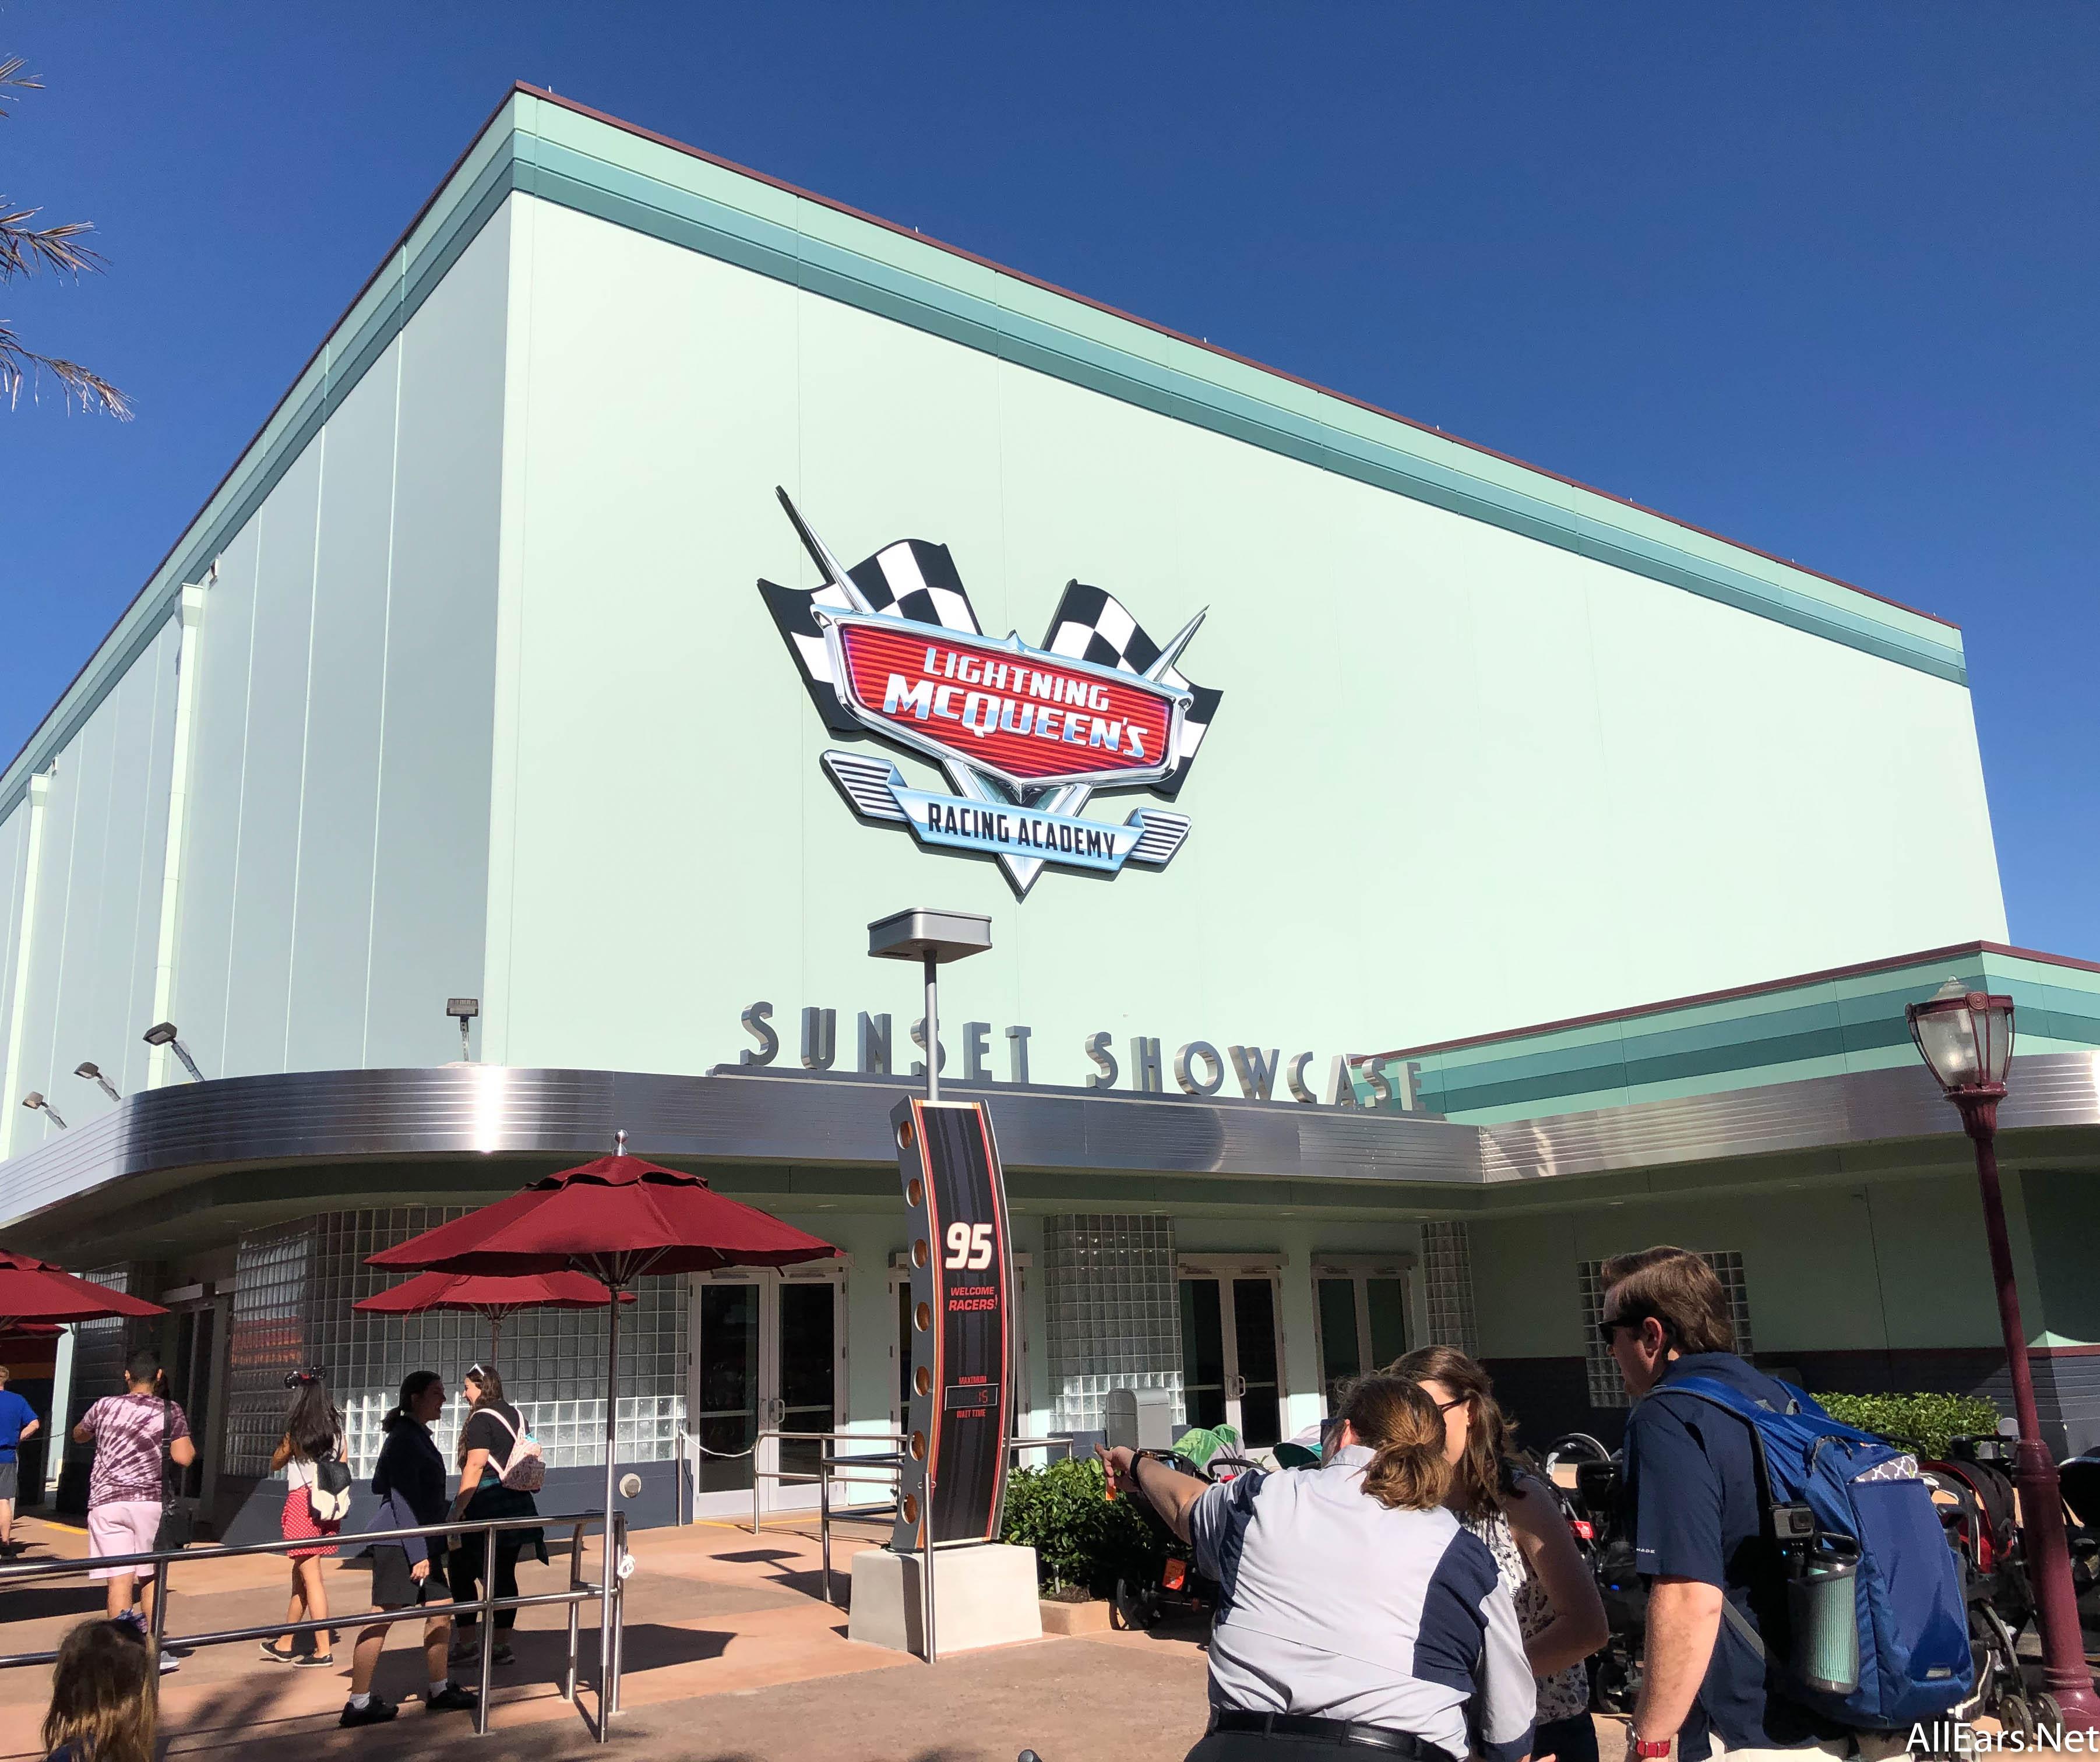 Lightning Mcqueen S Racing Academy Now Open In Disney S Hollywood Studios Allears Net